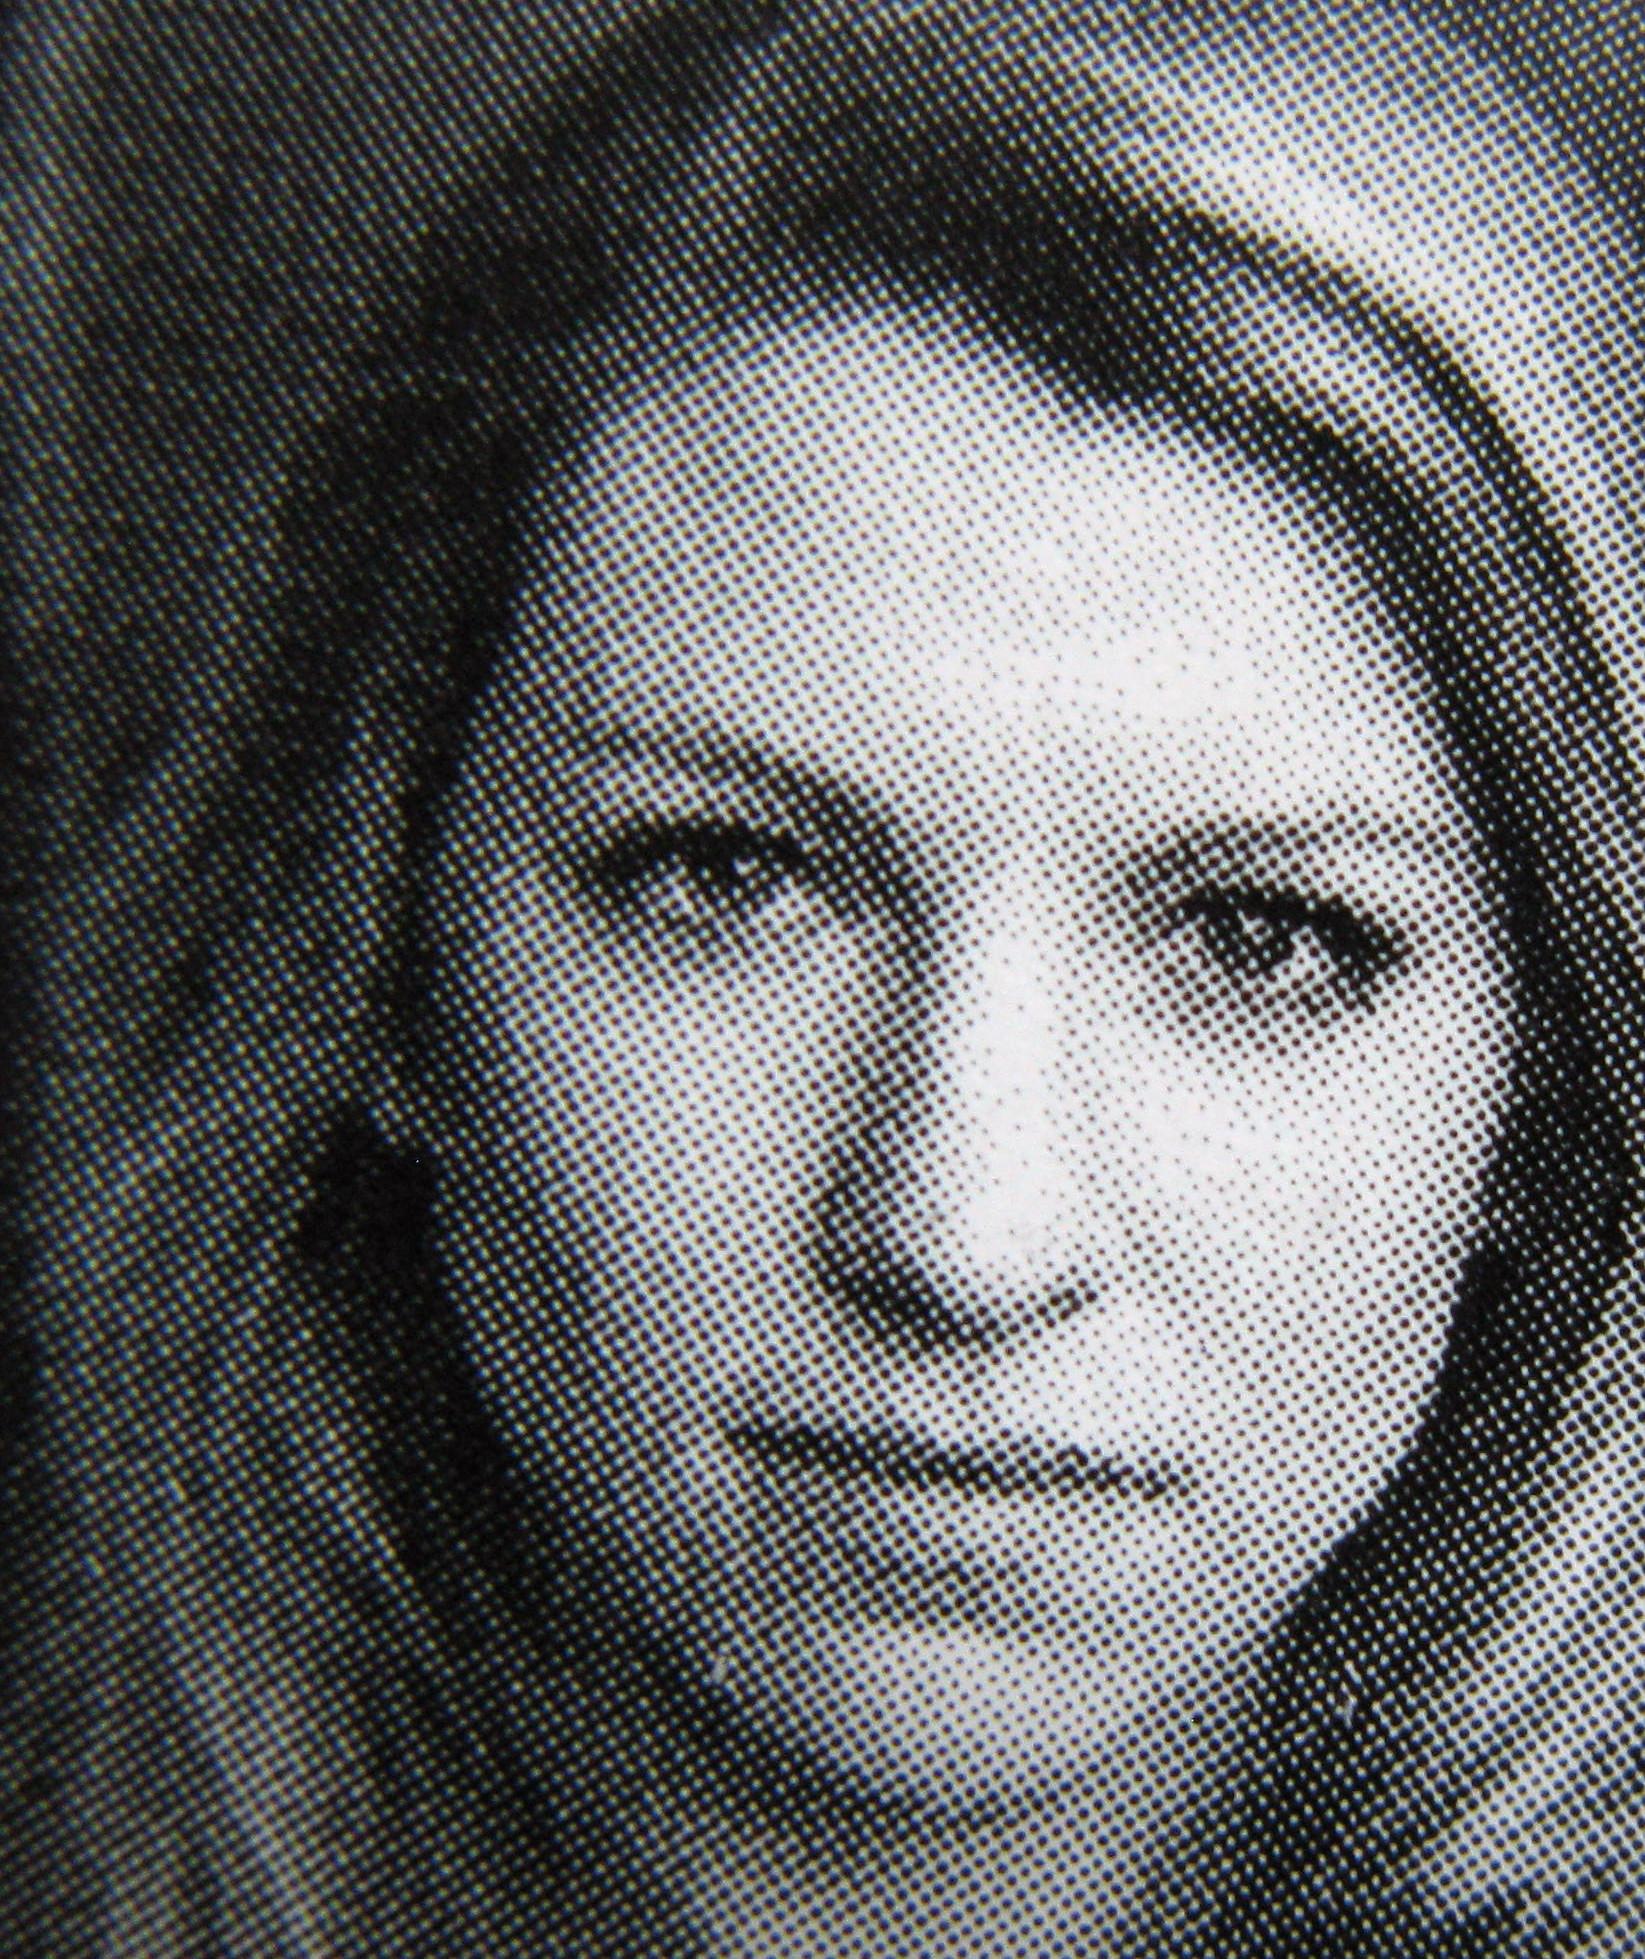 Michelle Pettigrove,Lexi Ainsworth born October 28, 1992 (age 26) Sex tube Debra Messing,Norma Lee Clark